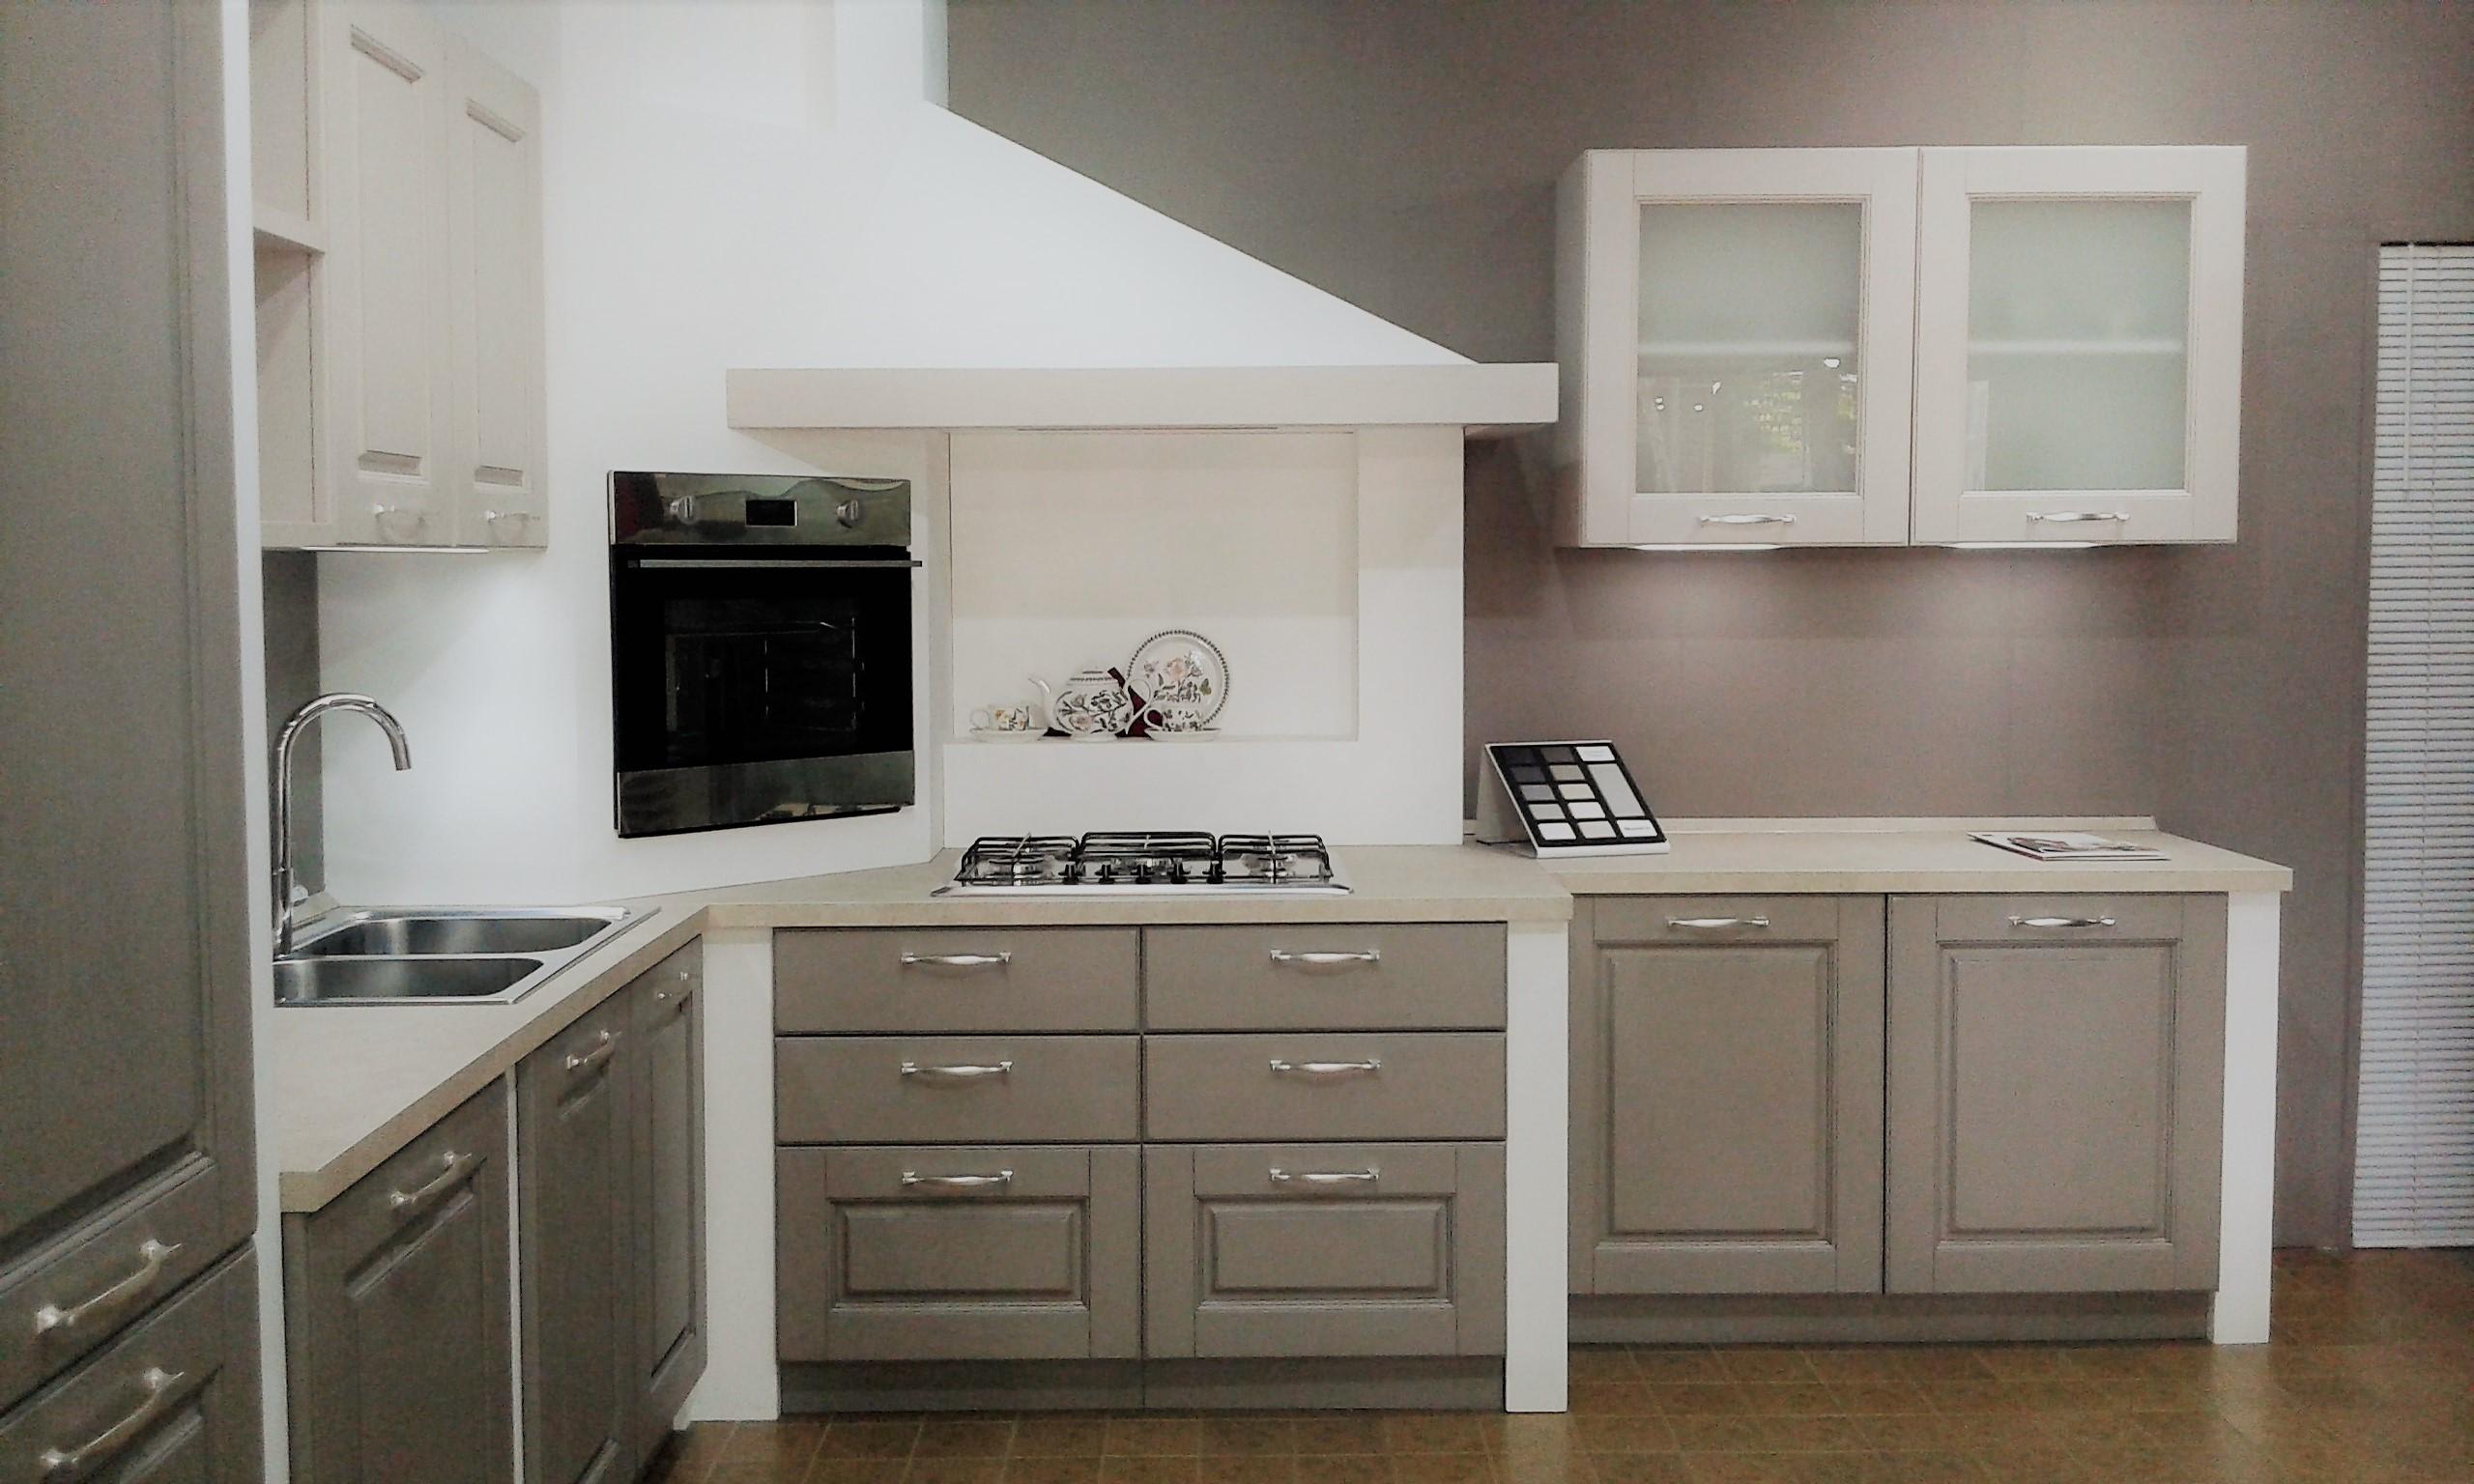 Cucine in muratura catania gallery of cucine in finta muratura mod messina for top per cucina - Ikea cucine in muratura ...